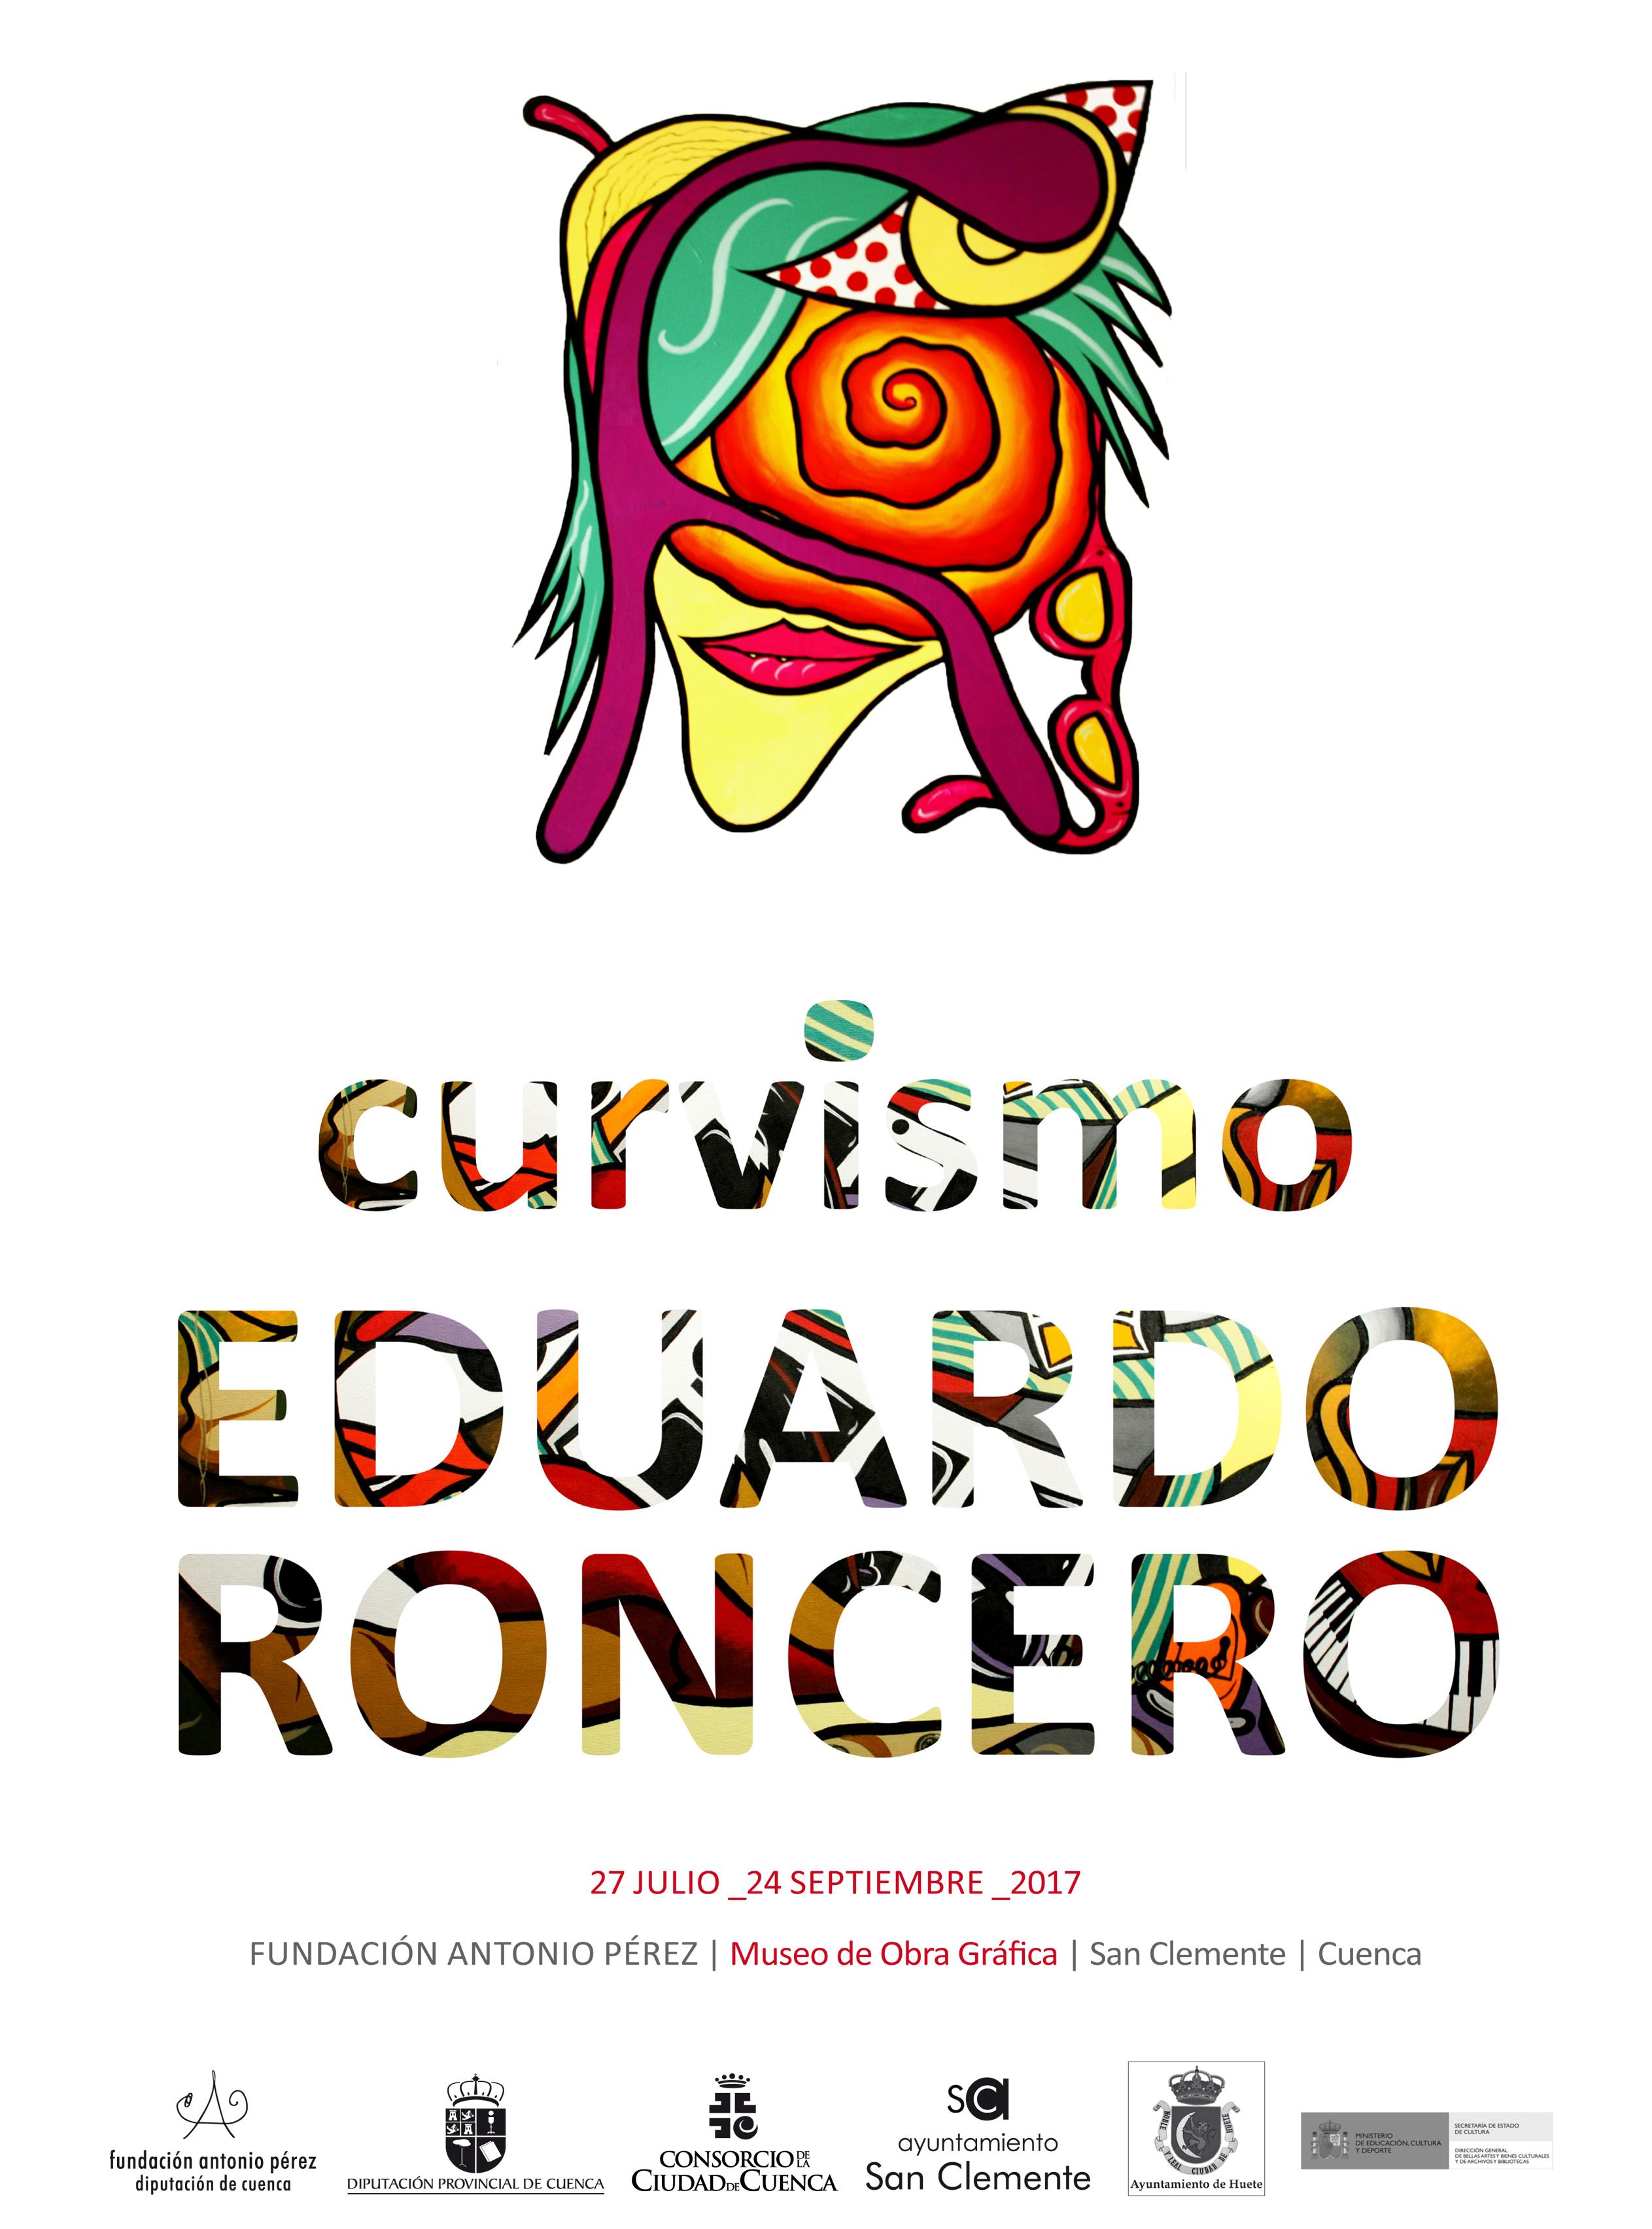 Eduardo roncero, Eduardo roncero art, edu locomotoro, curvismo